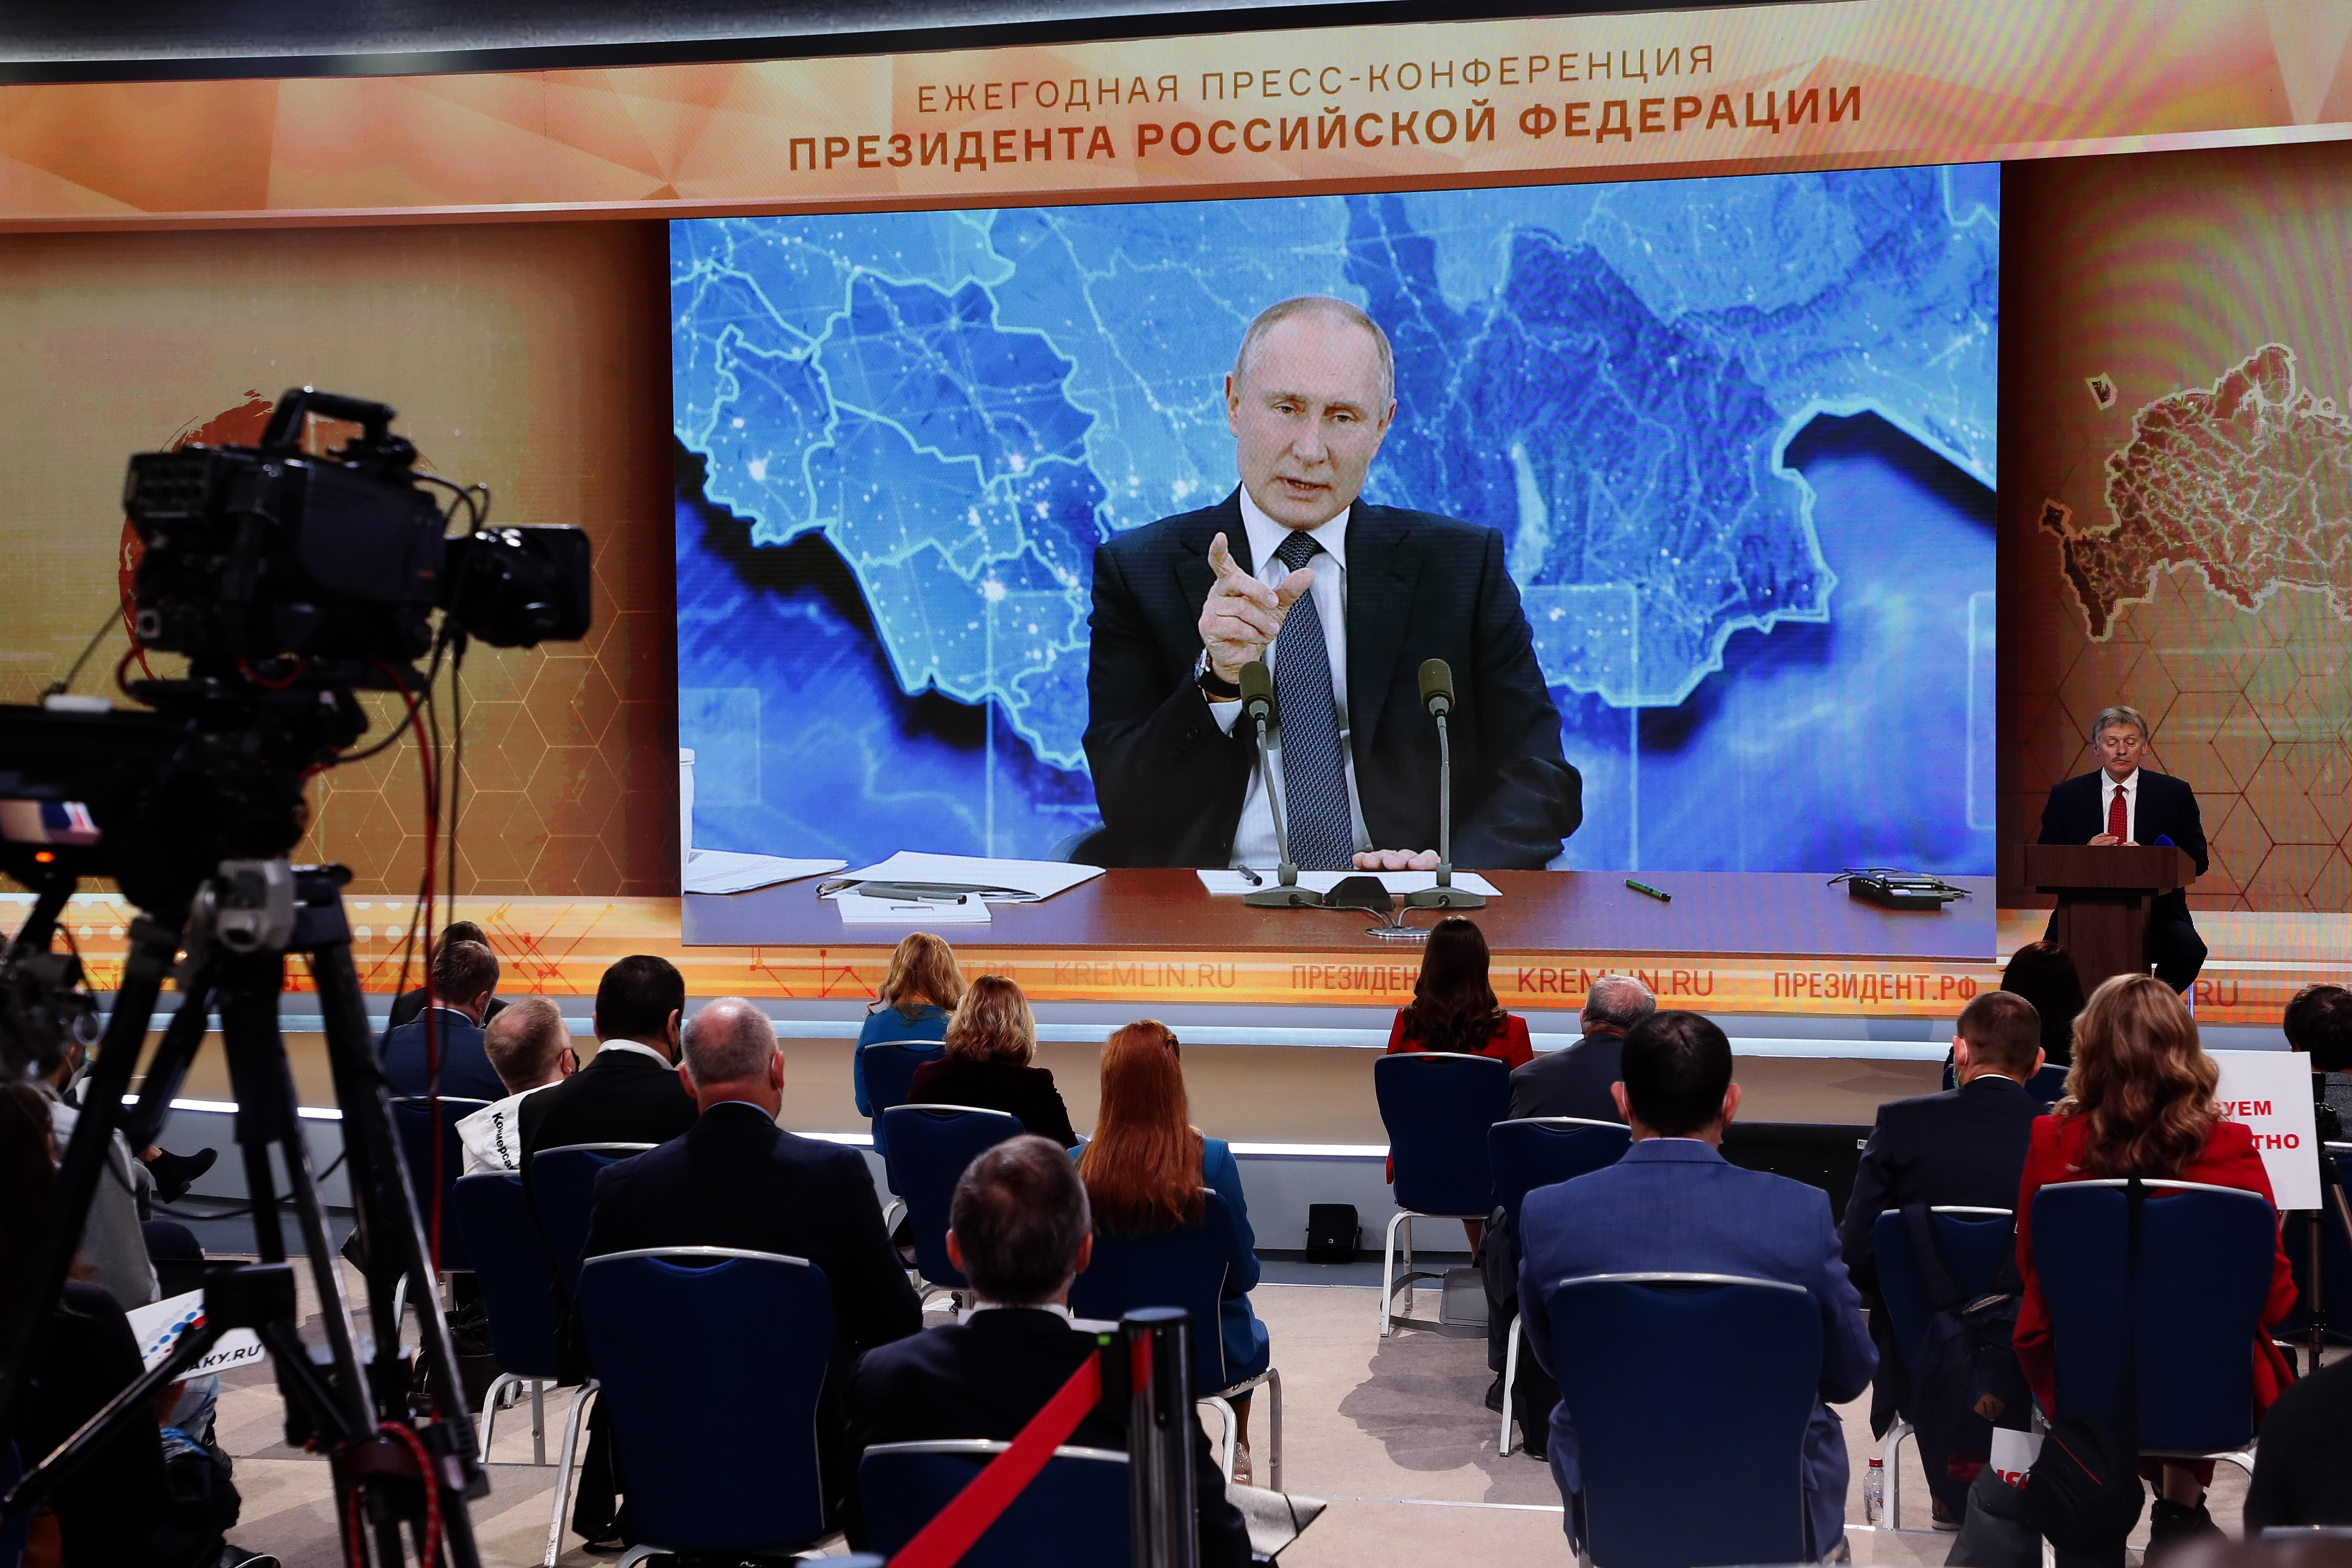 El presidente ruso, Vladimir Putin, en su conferencia anual.